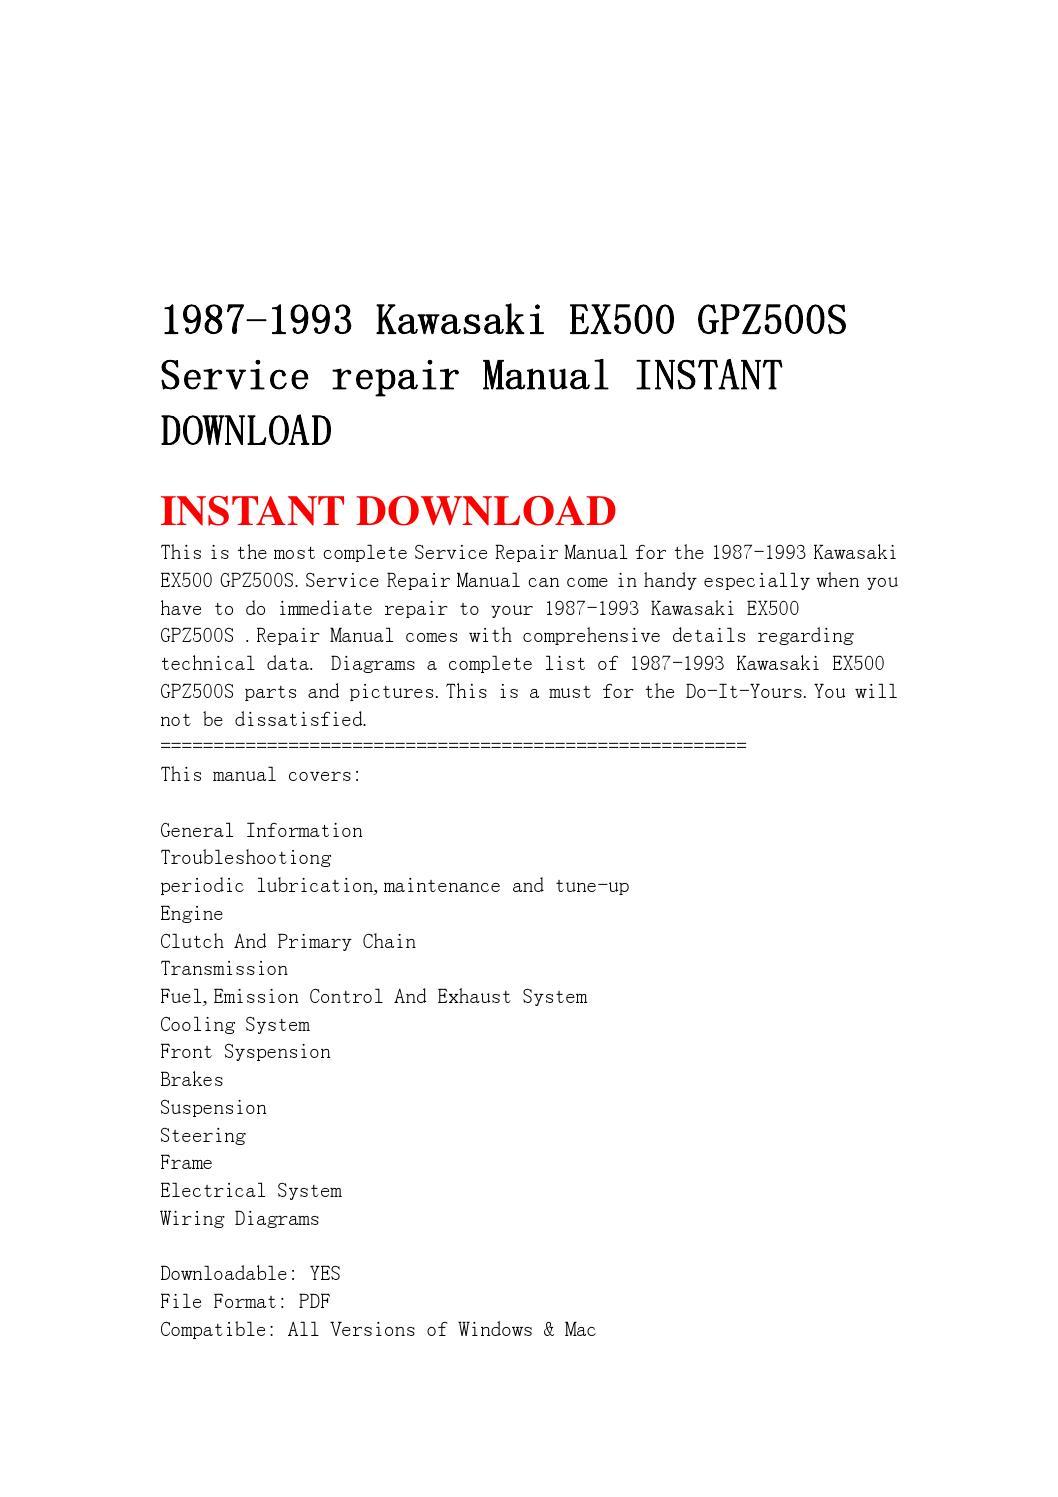 1987 1993 Kawasaki Ex500 Gpz500s Service Repair Manual